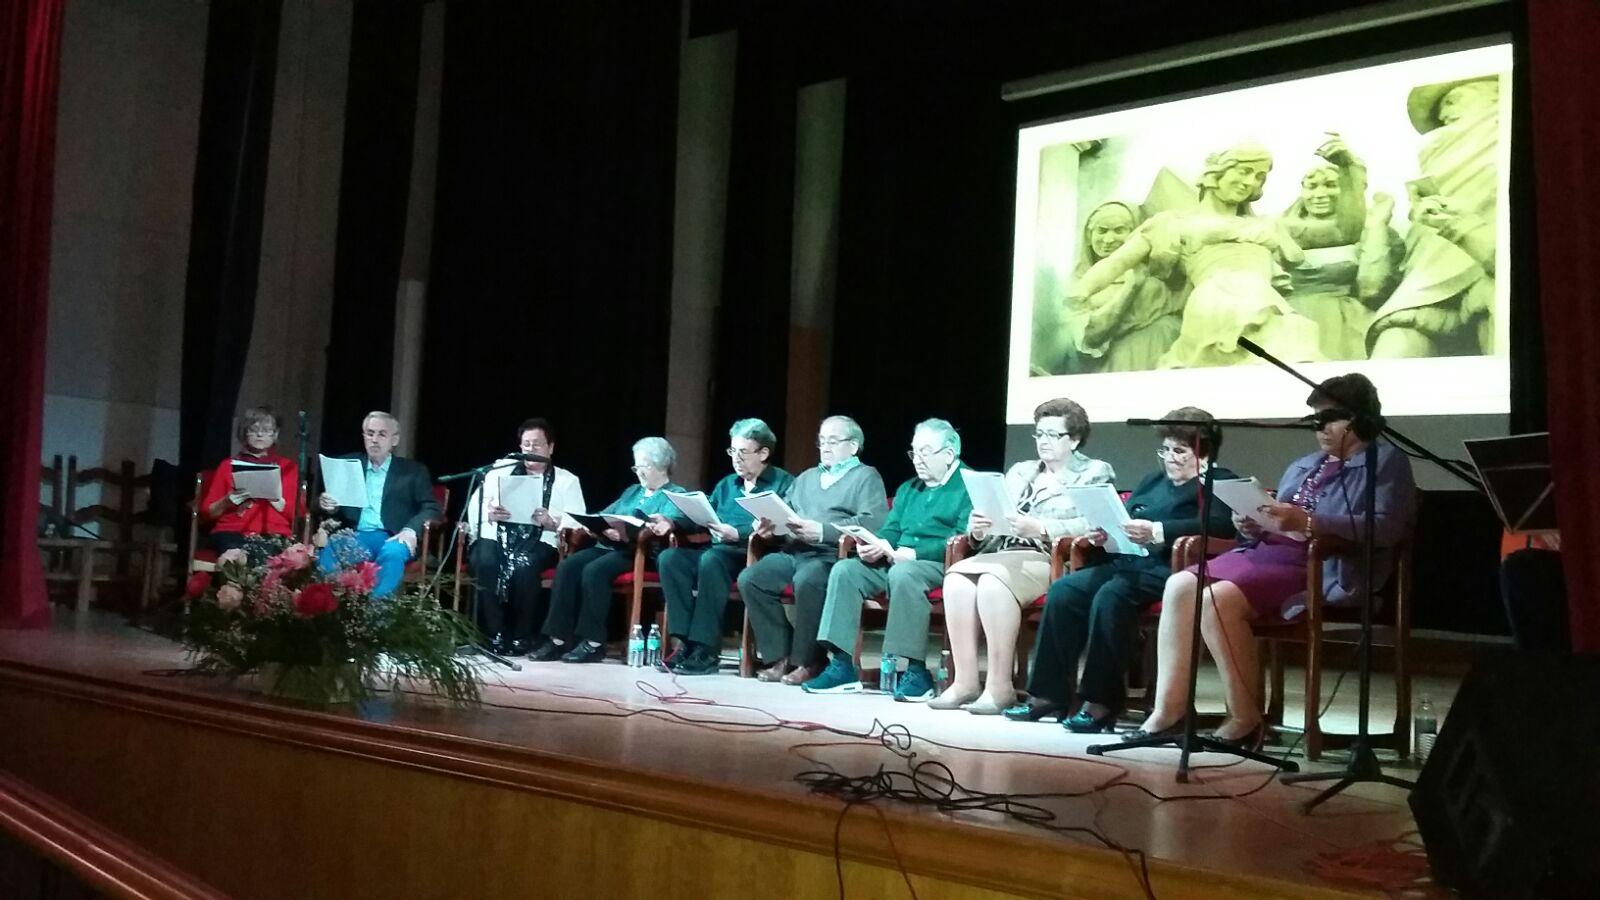 La Asociación de Jubilados 'Francisco de Quevedo' de Villanueva de los Infantes rindió su particular homenaje a Cervantes en el IV Centenario de su muerte